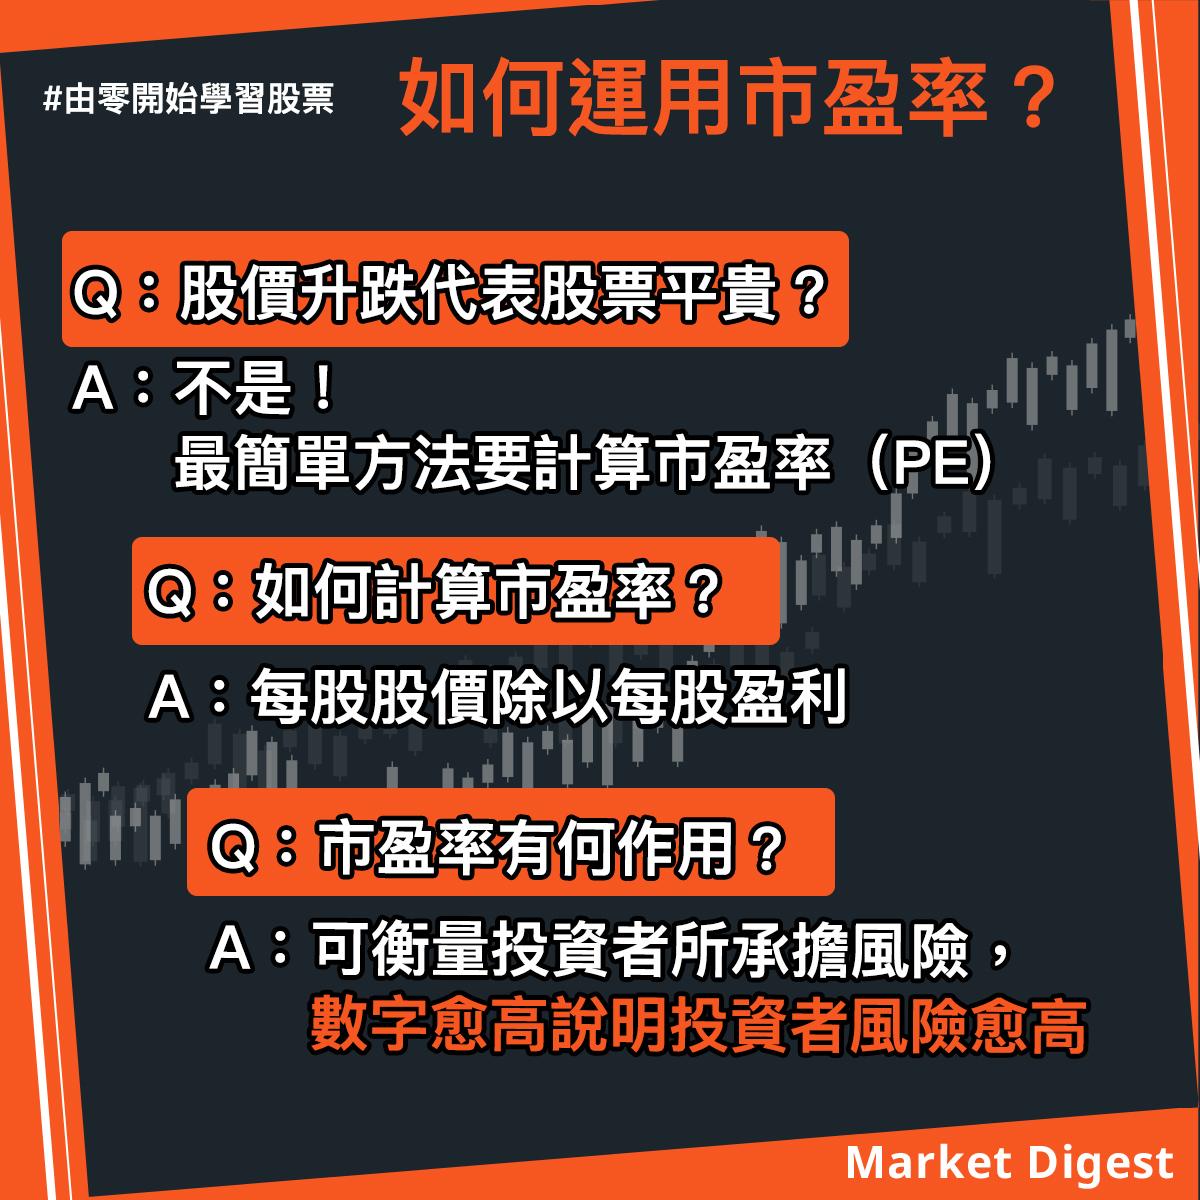 【由零開始學習股票】市盈率是股票入門一大重要課題!